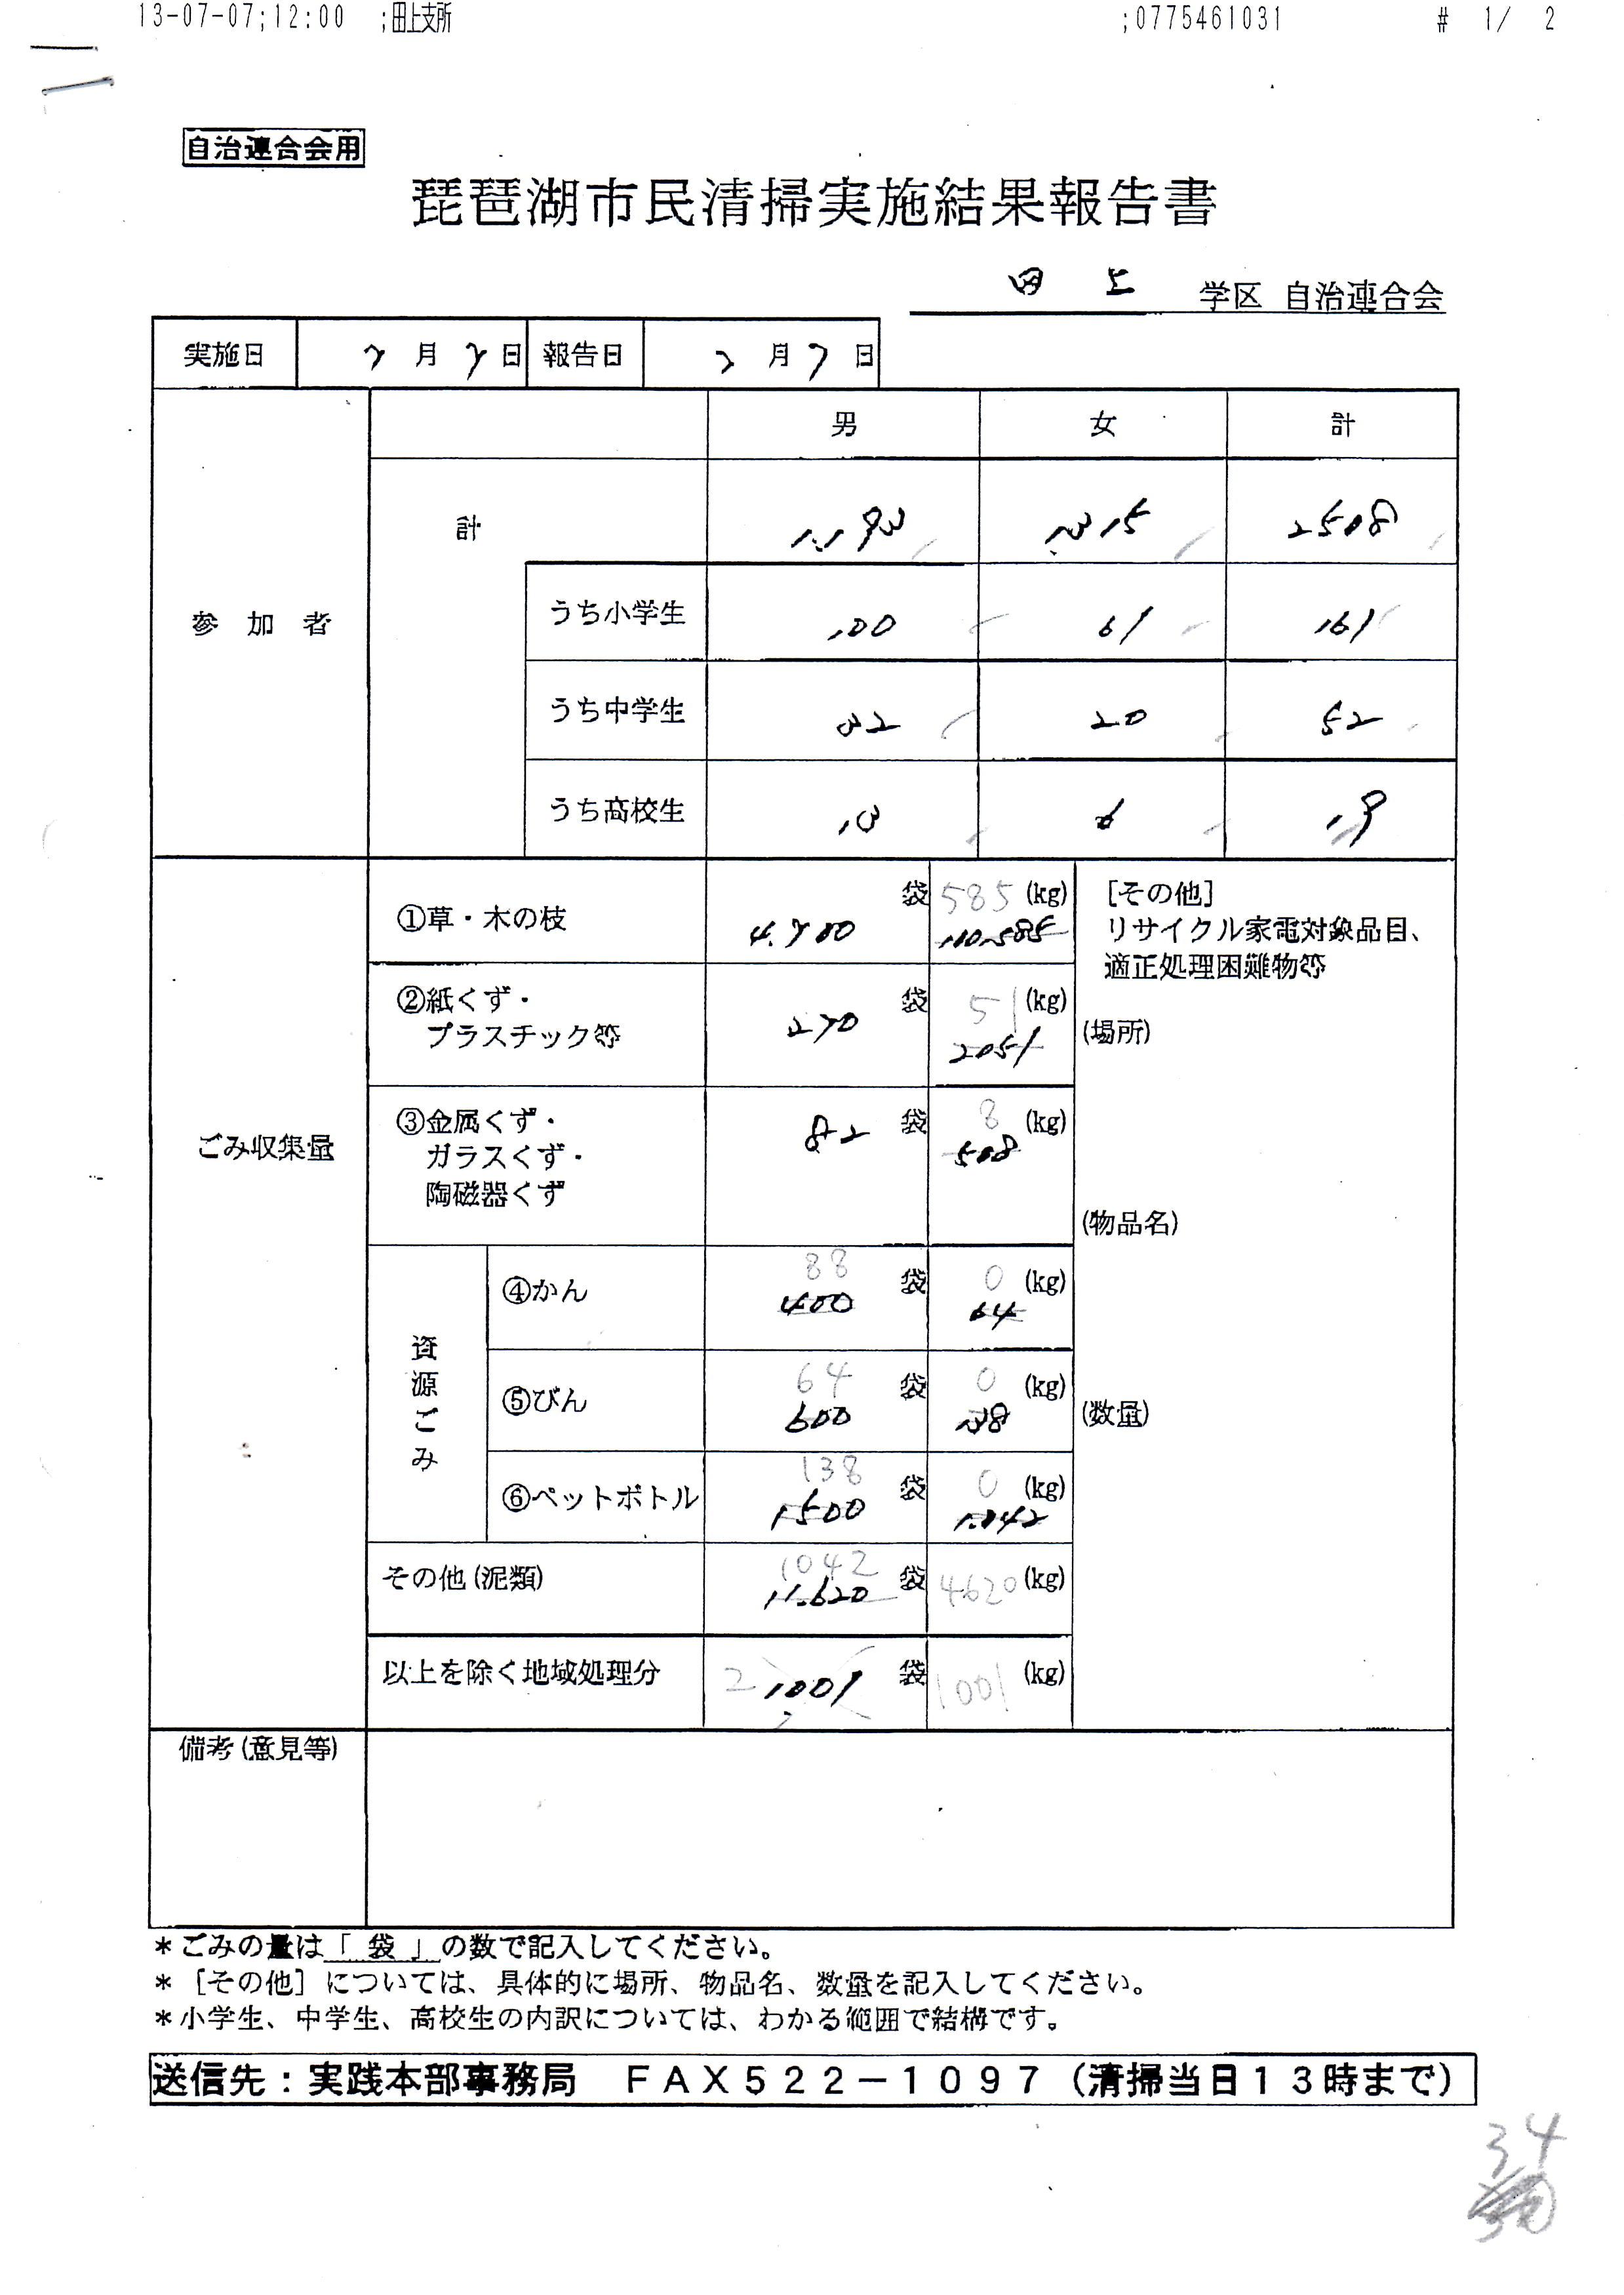 2013年田上の実施結果報告書